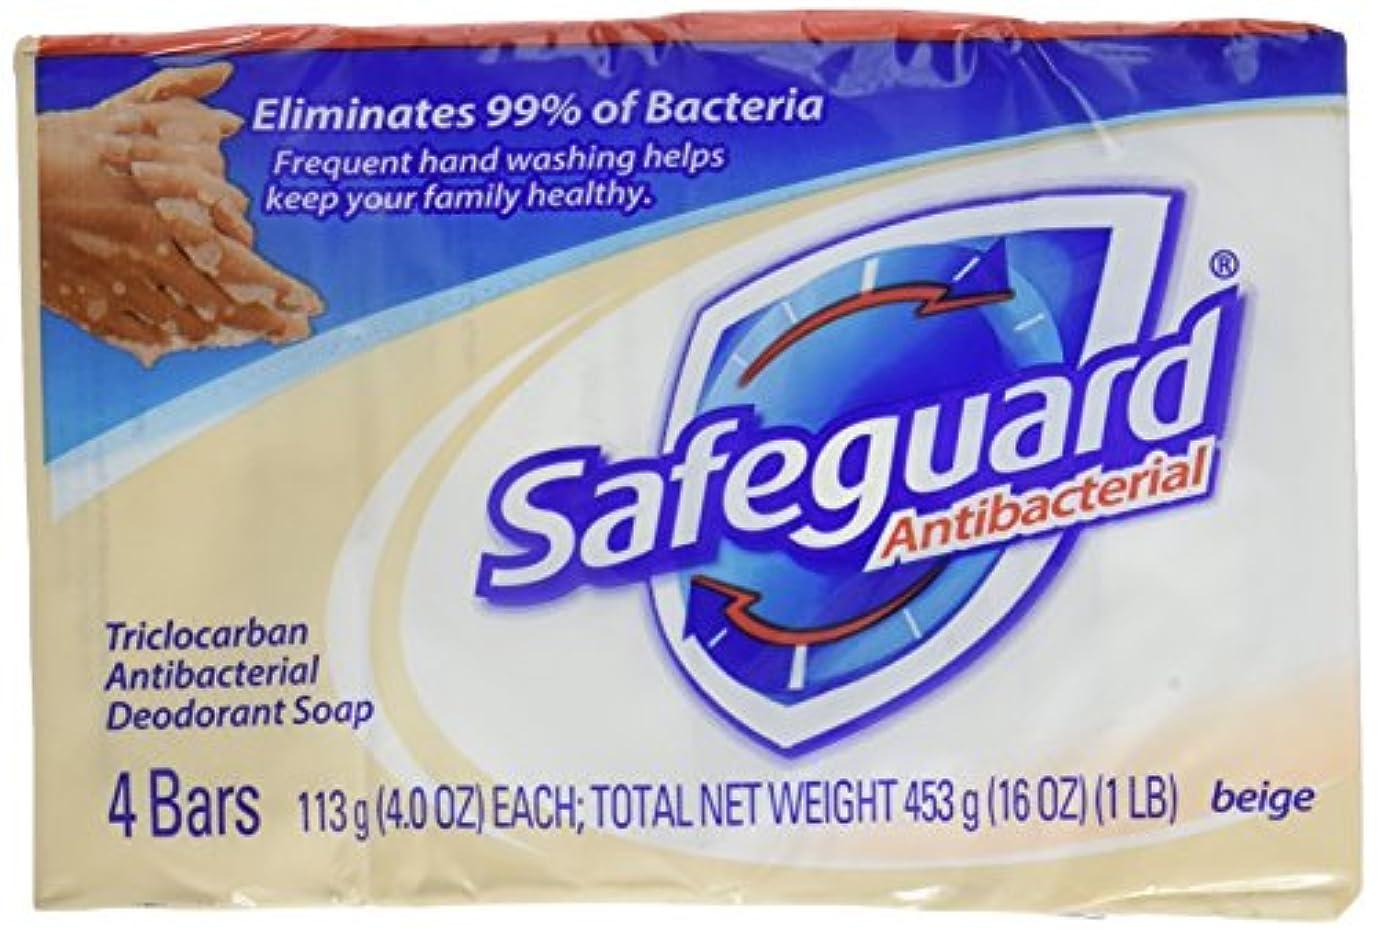 風オーラルゴミSafeguard antibacterial deodorant bar soap, Beige - 4 Oz, 4 ea by Safeguard